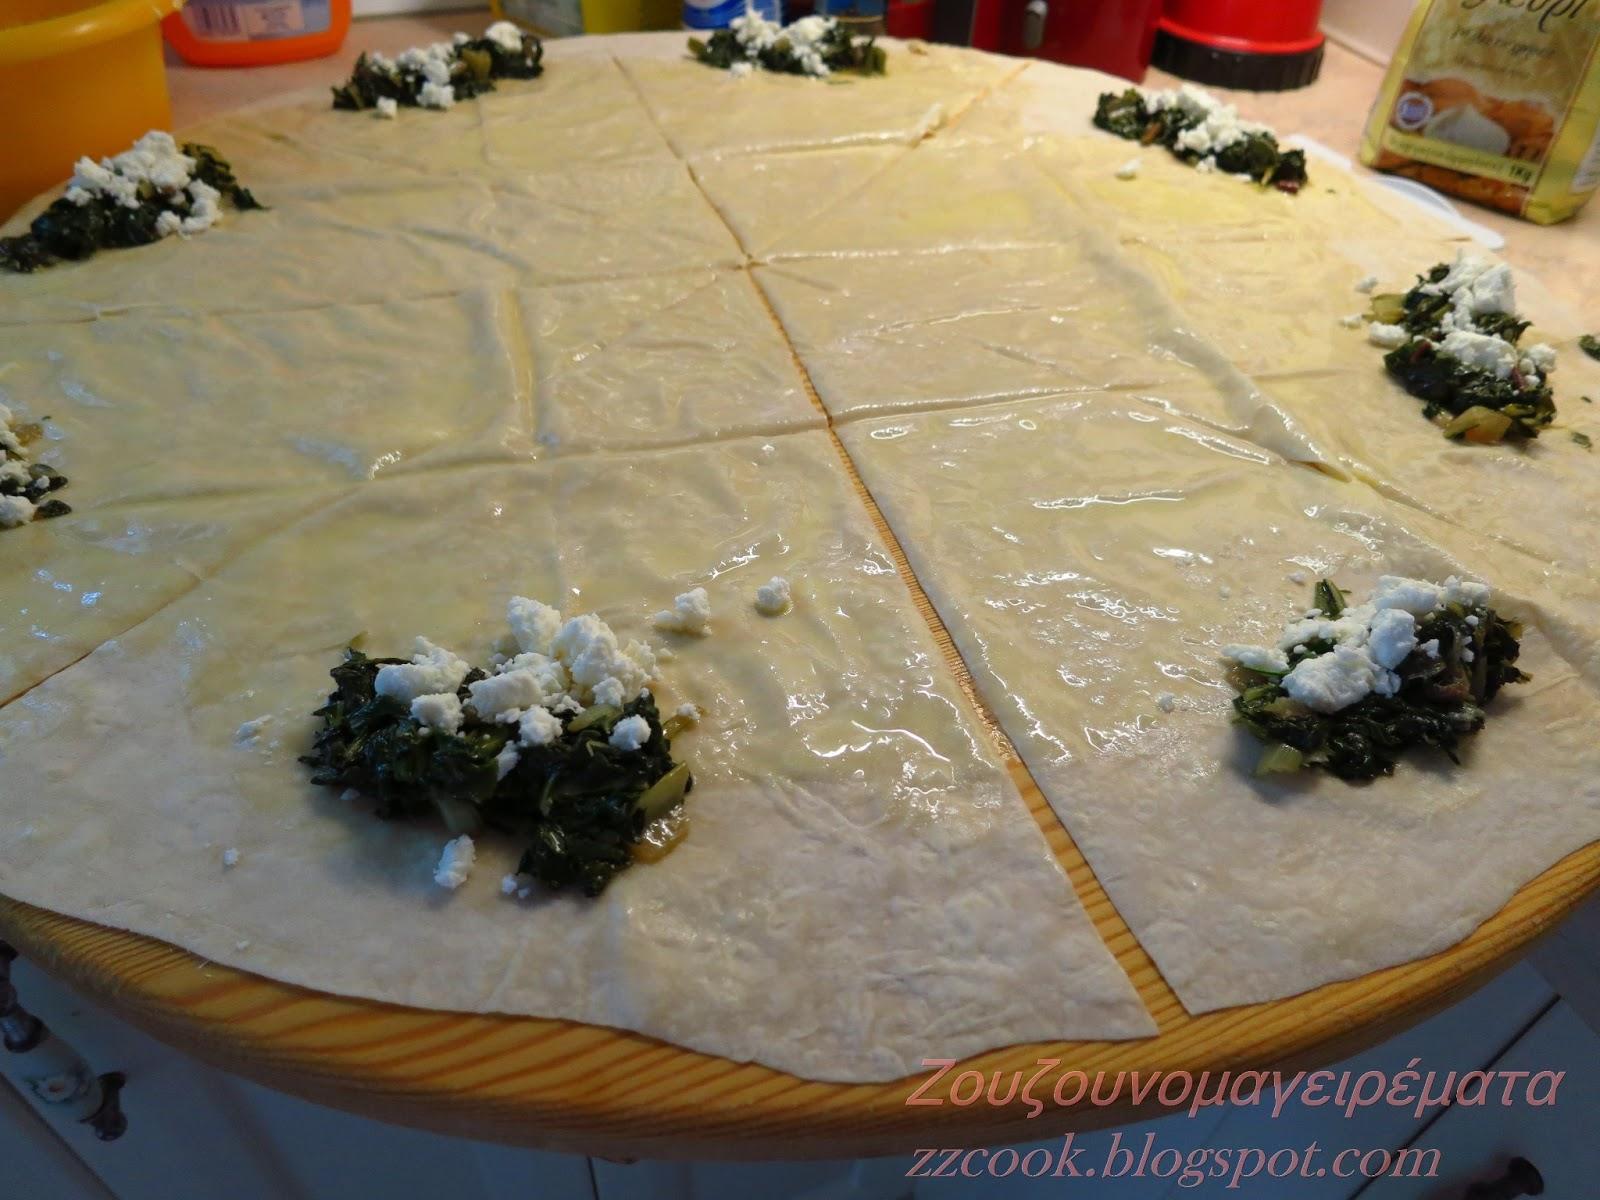 Μπουρεκάκια με παντζαρόφυλλα! Συνταγή βήμα - βήμα!